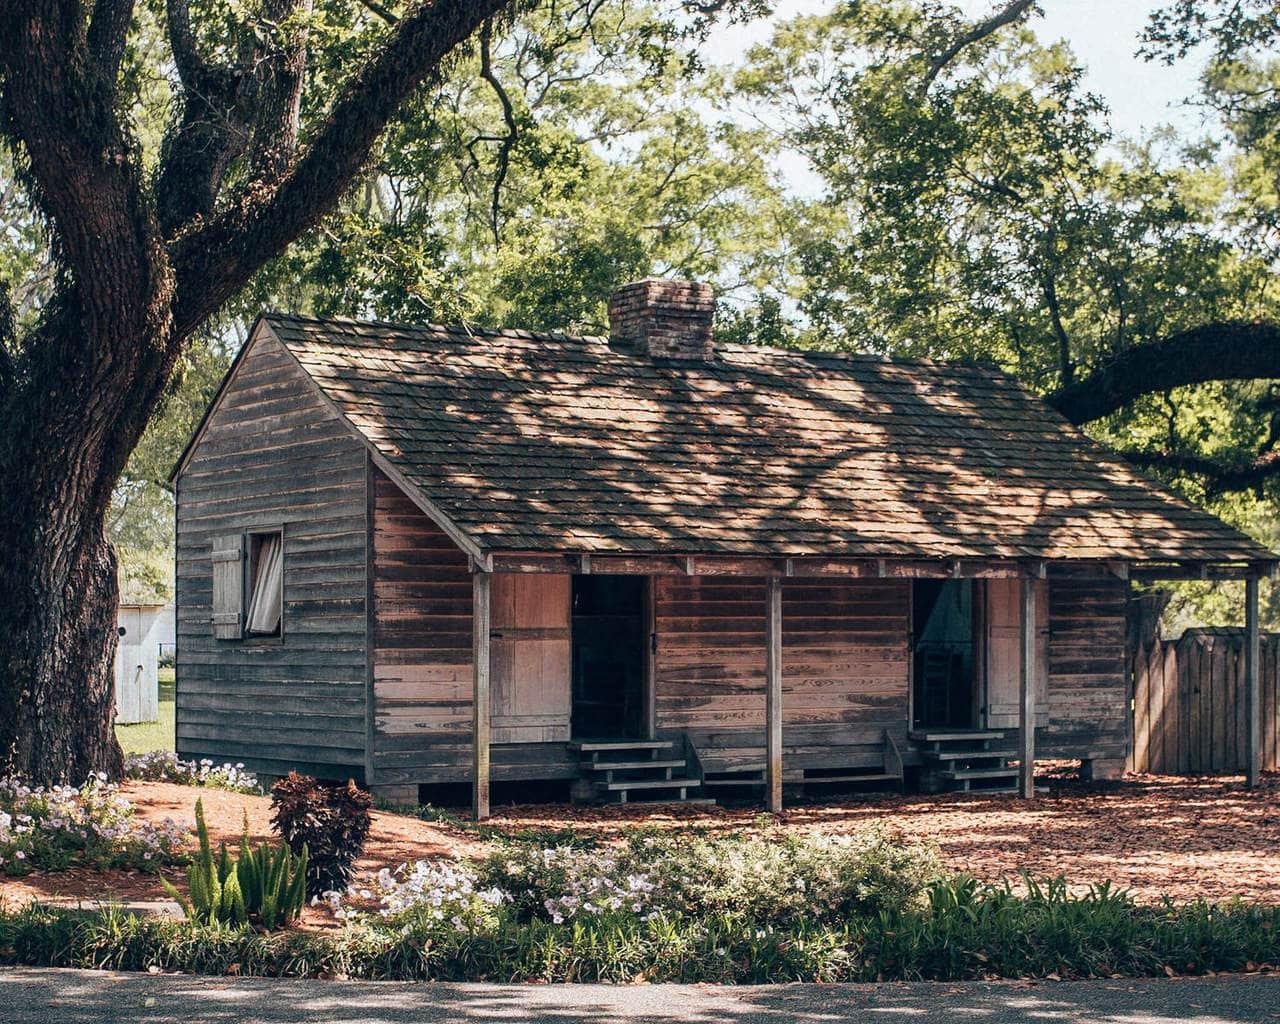 A rebuilt slave cabin at Oak Alley Plantation in New Orleans